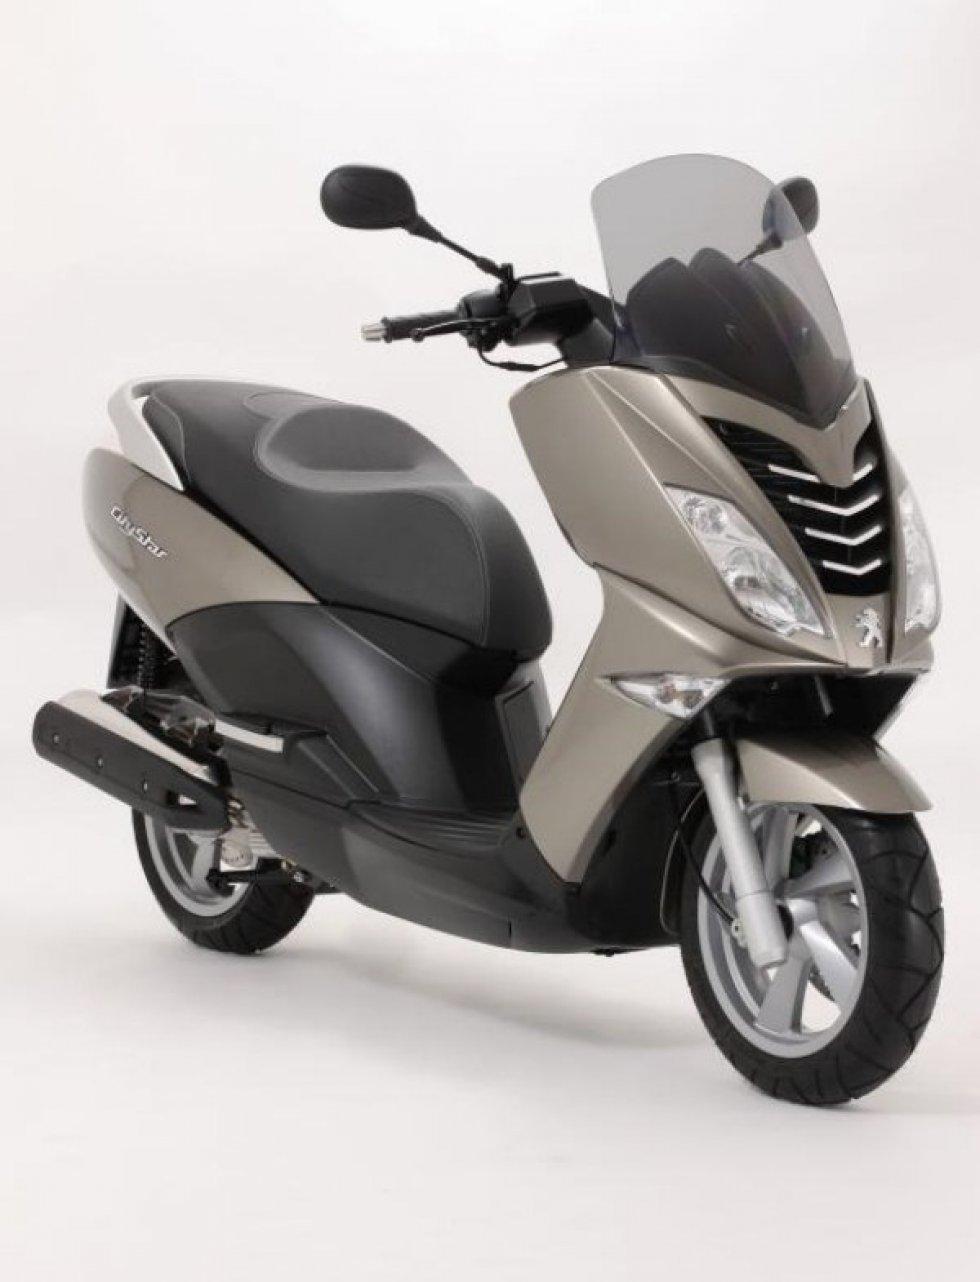 scooter neuf peugeot citystar 125cc vente scooter la seyne sur mer toulon l 39 atelier du scoot. Black Bedroom Furniture Sets. Home Design Ideas